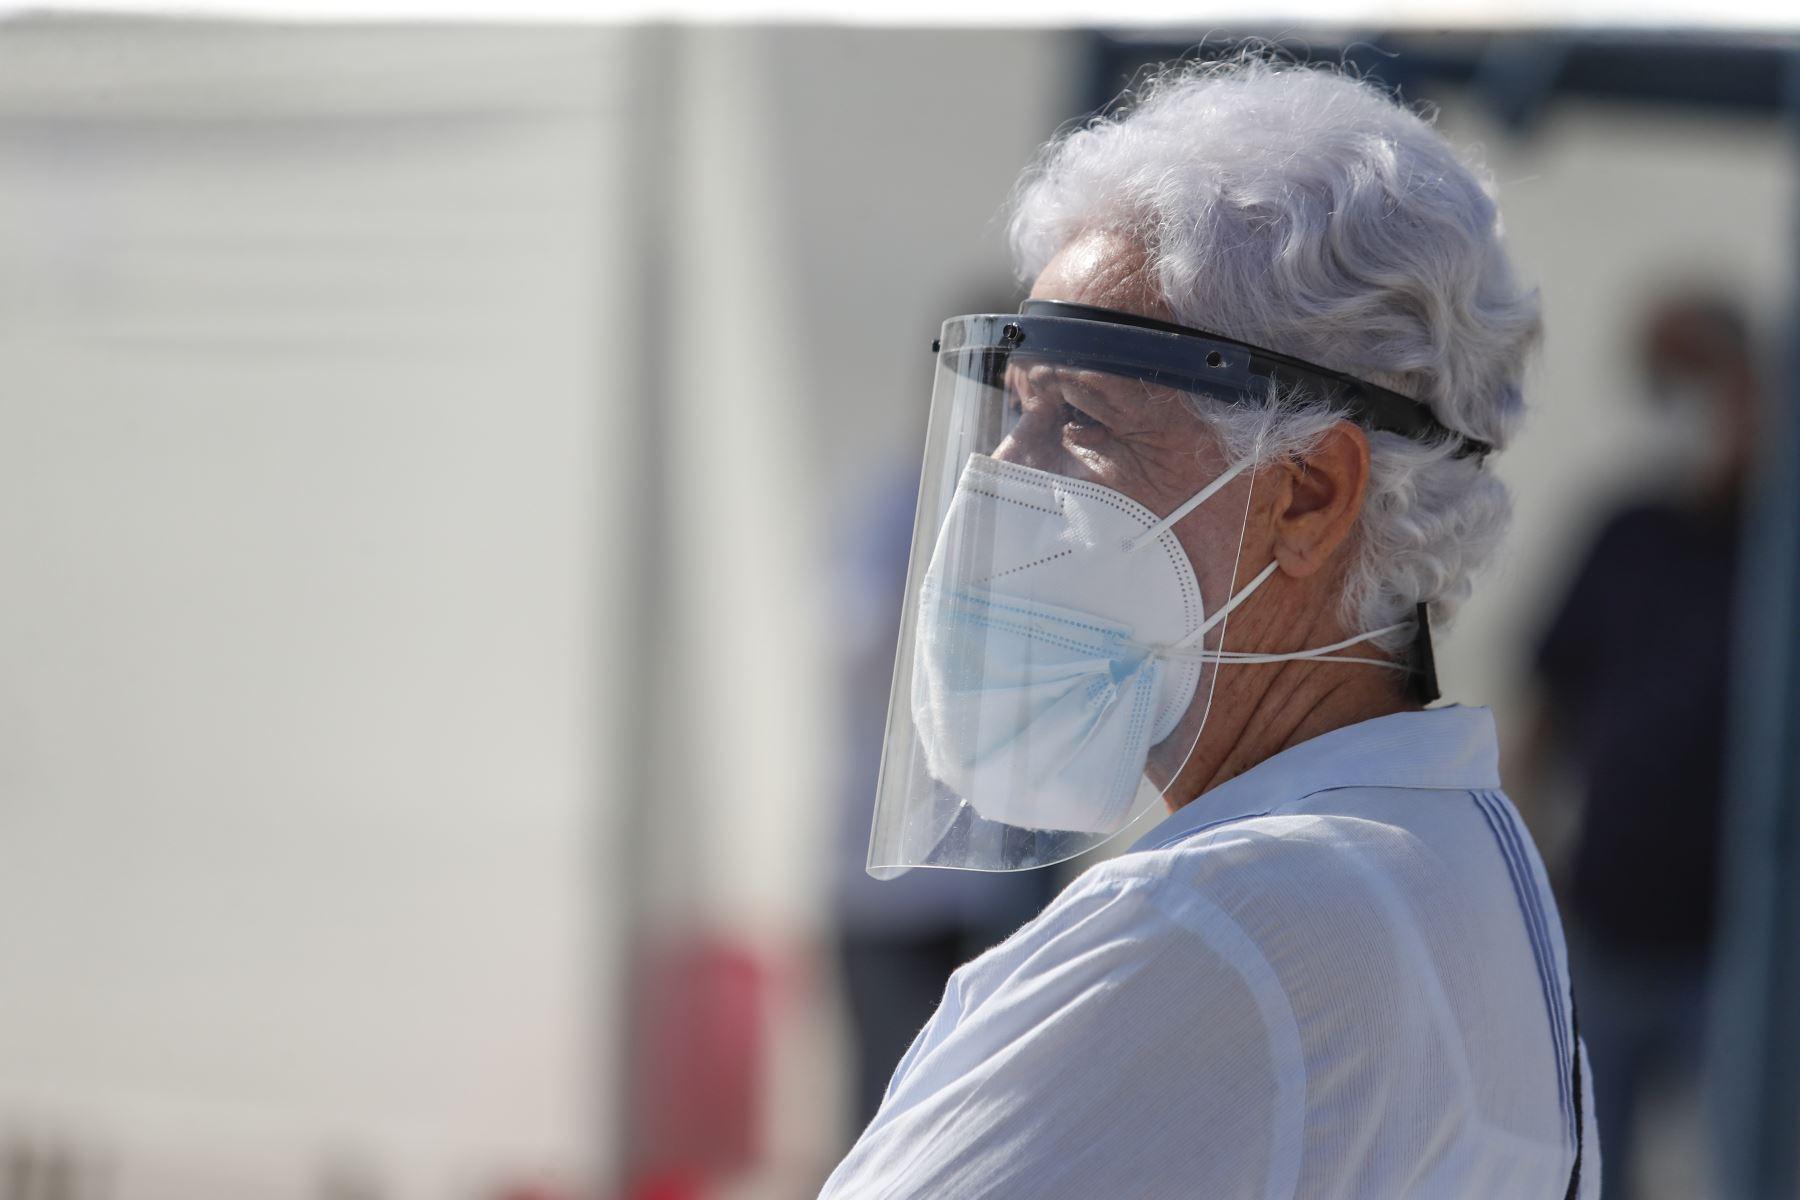 Advierten que más del 70% de adultos mayores ha sufrido maltrato familiar en pandemia